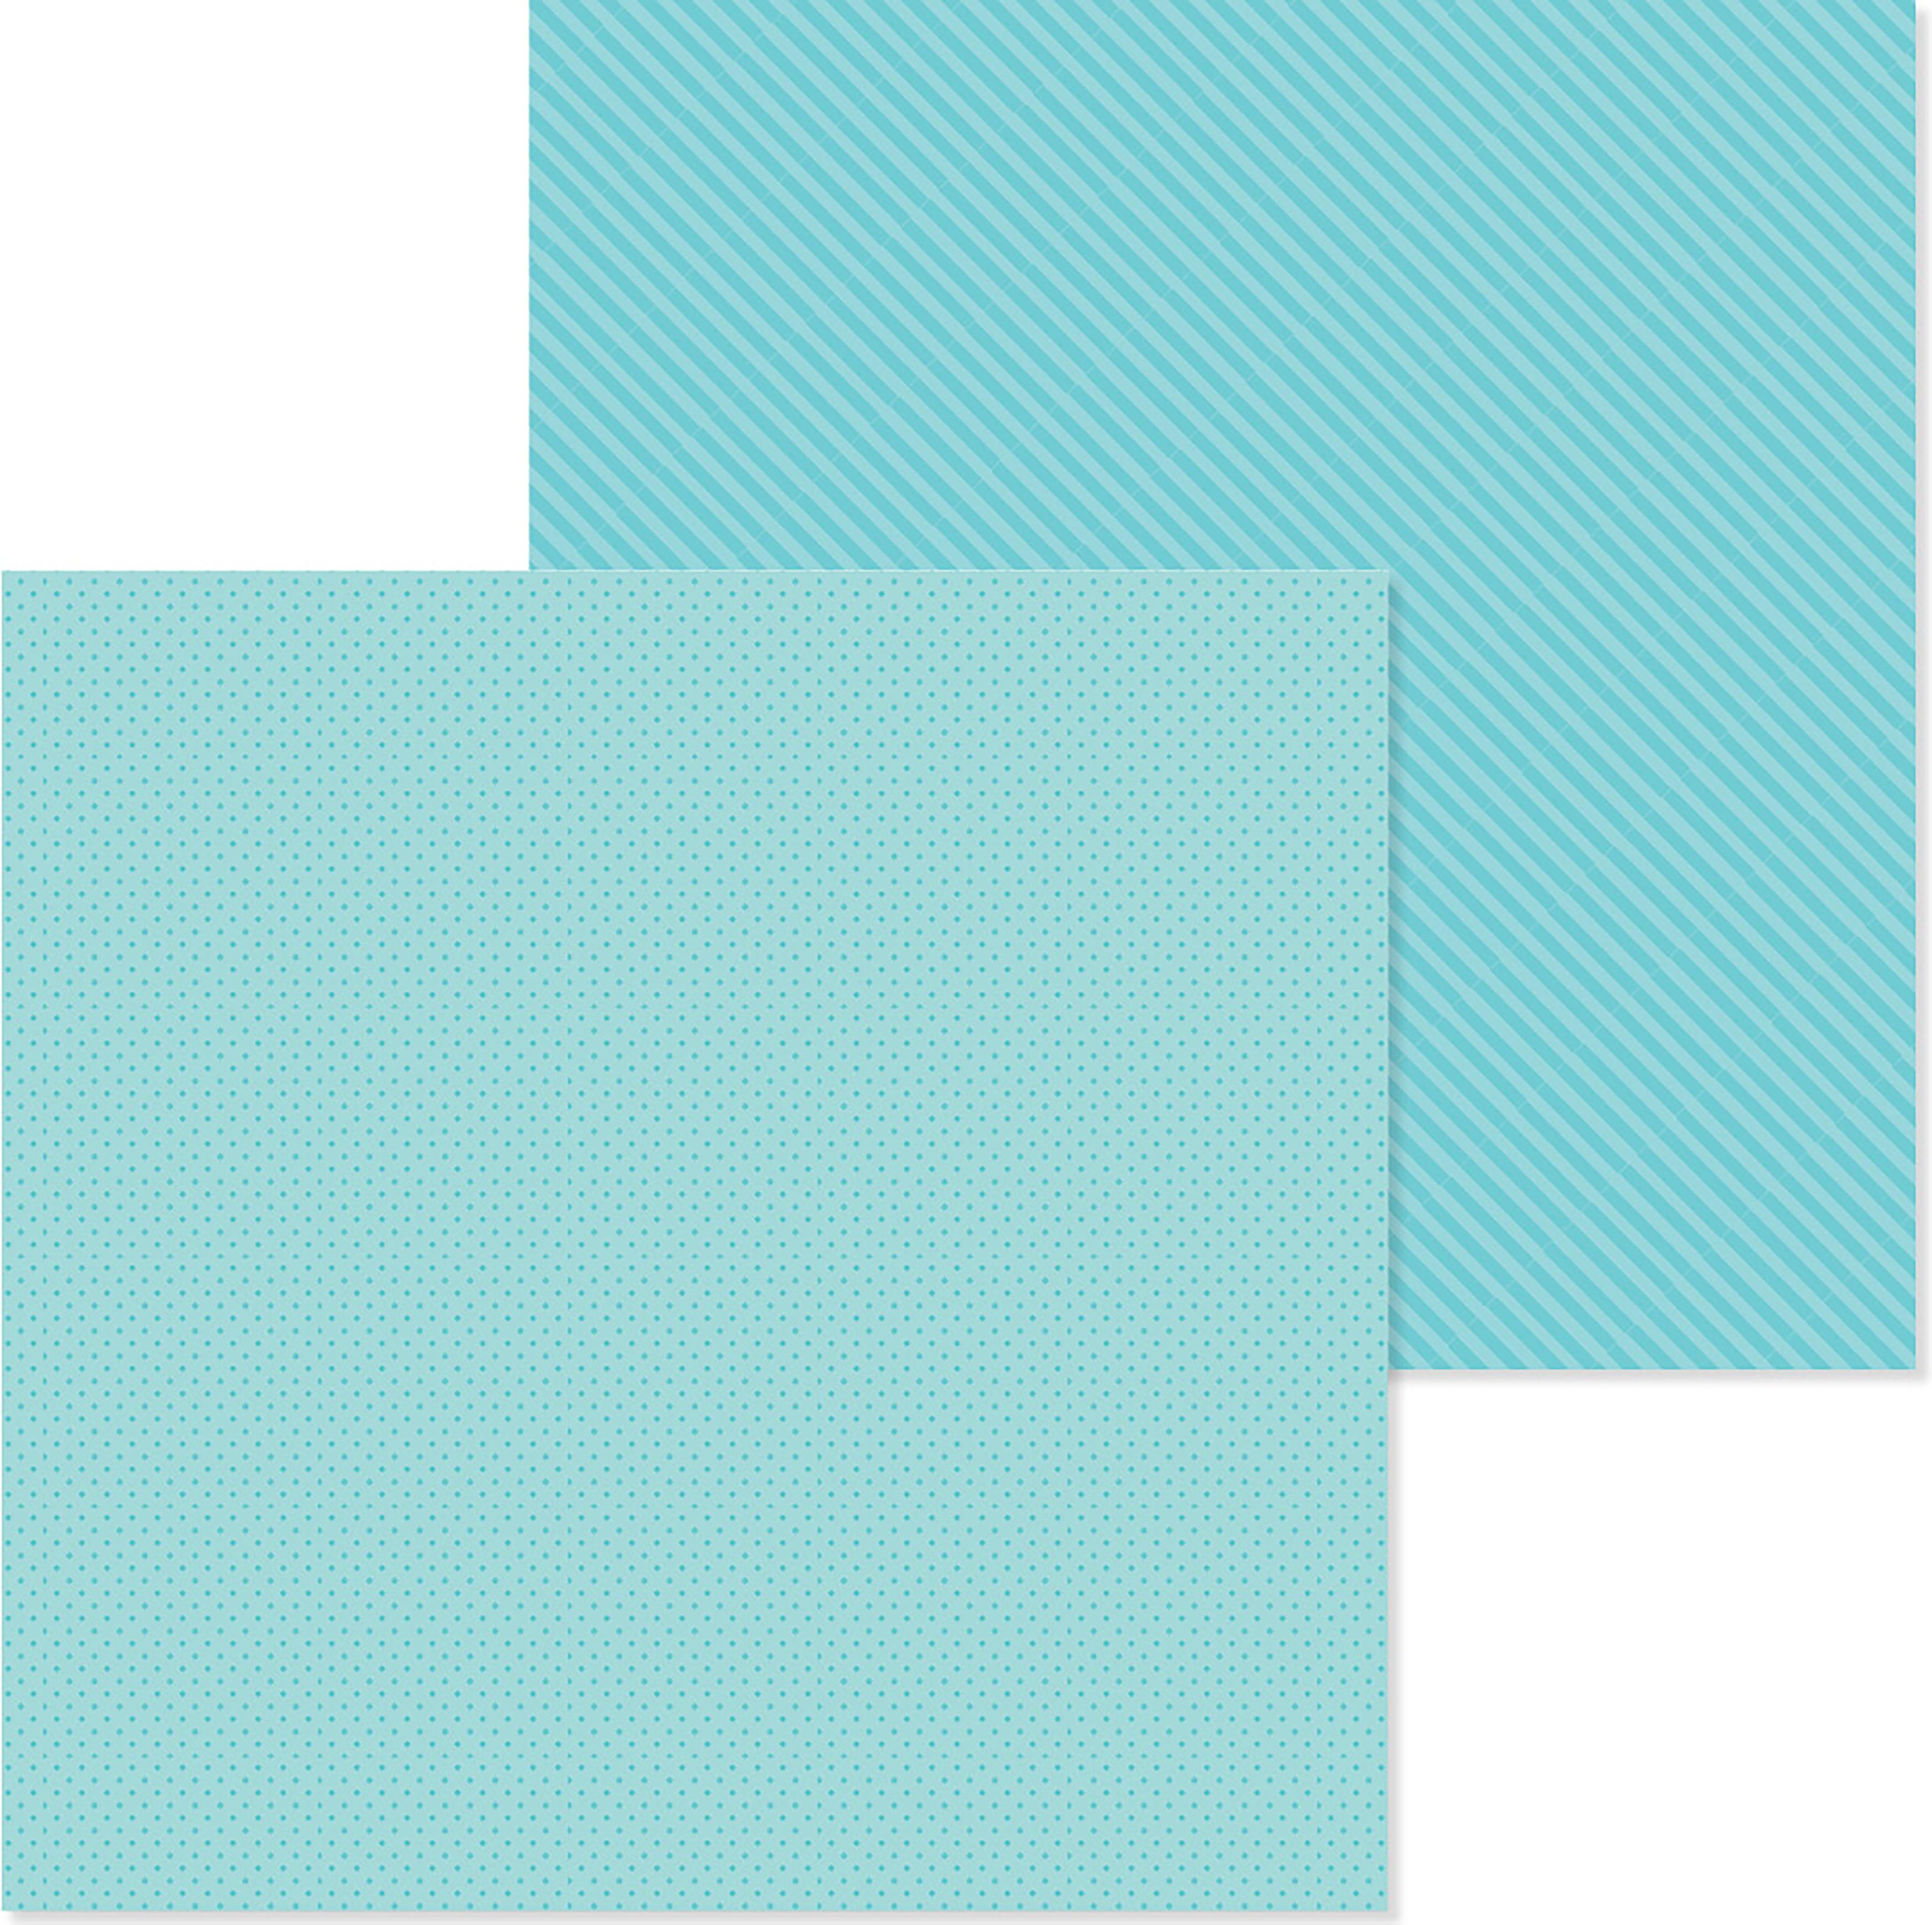 Doodlebug Petite Prints Dot/Stripe Cardstock 12X12-Swimming Pool